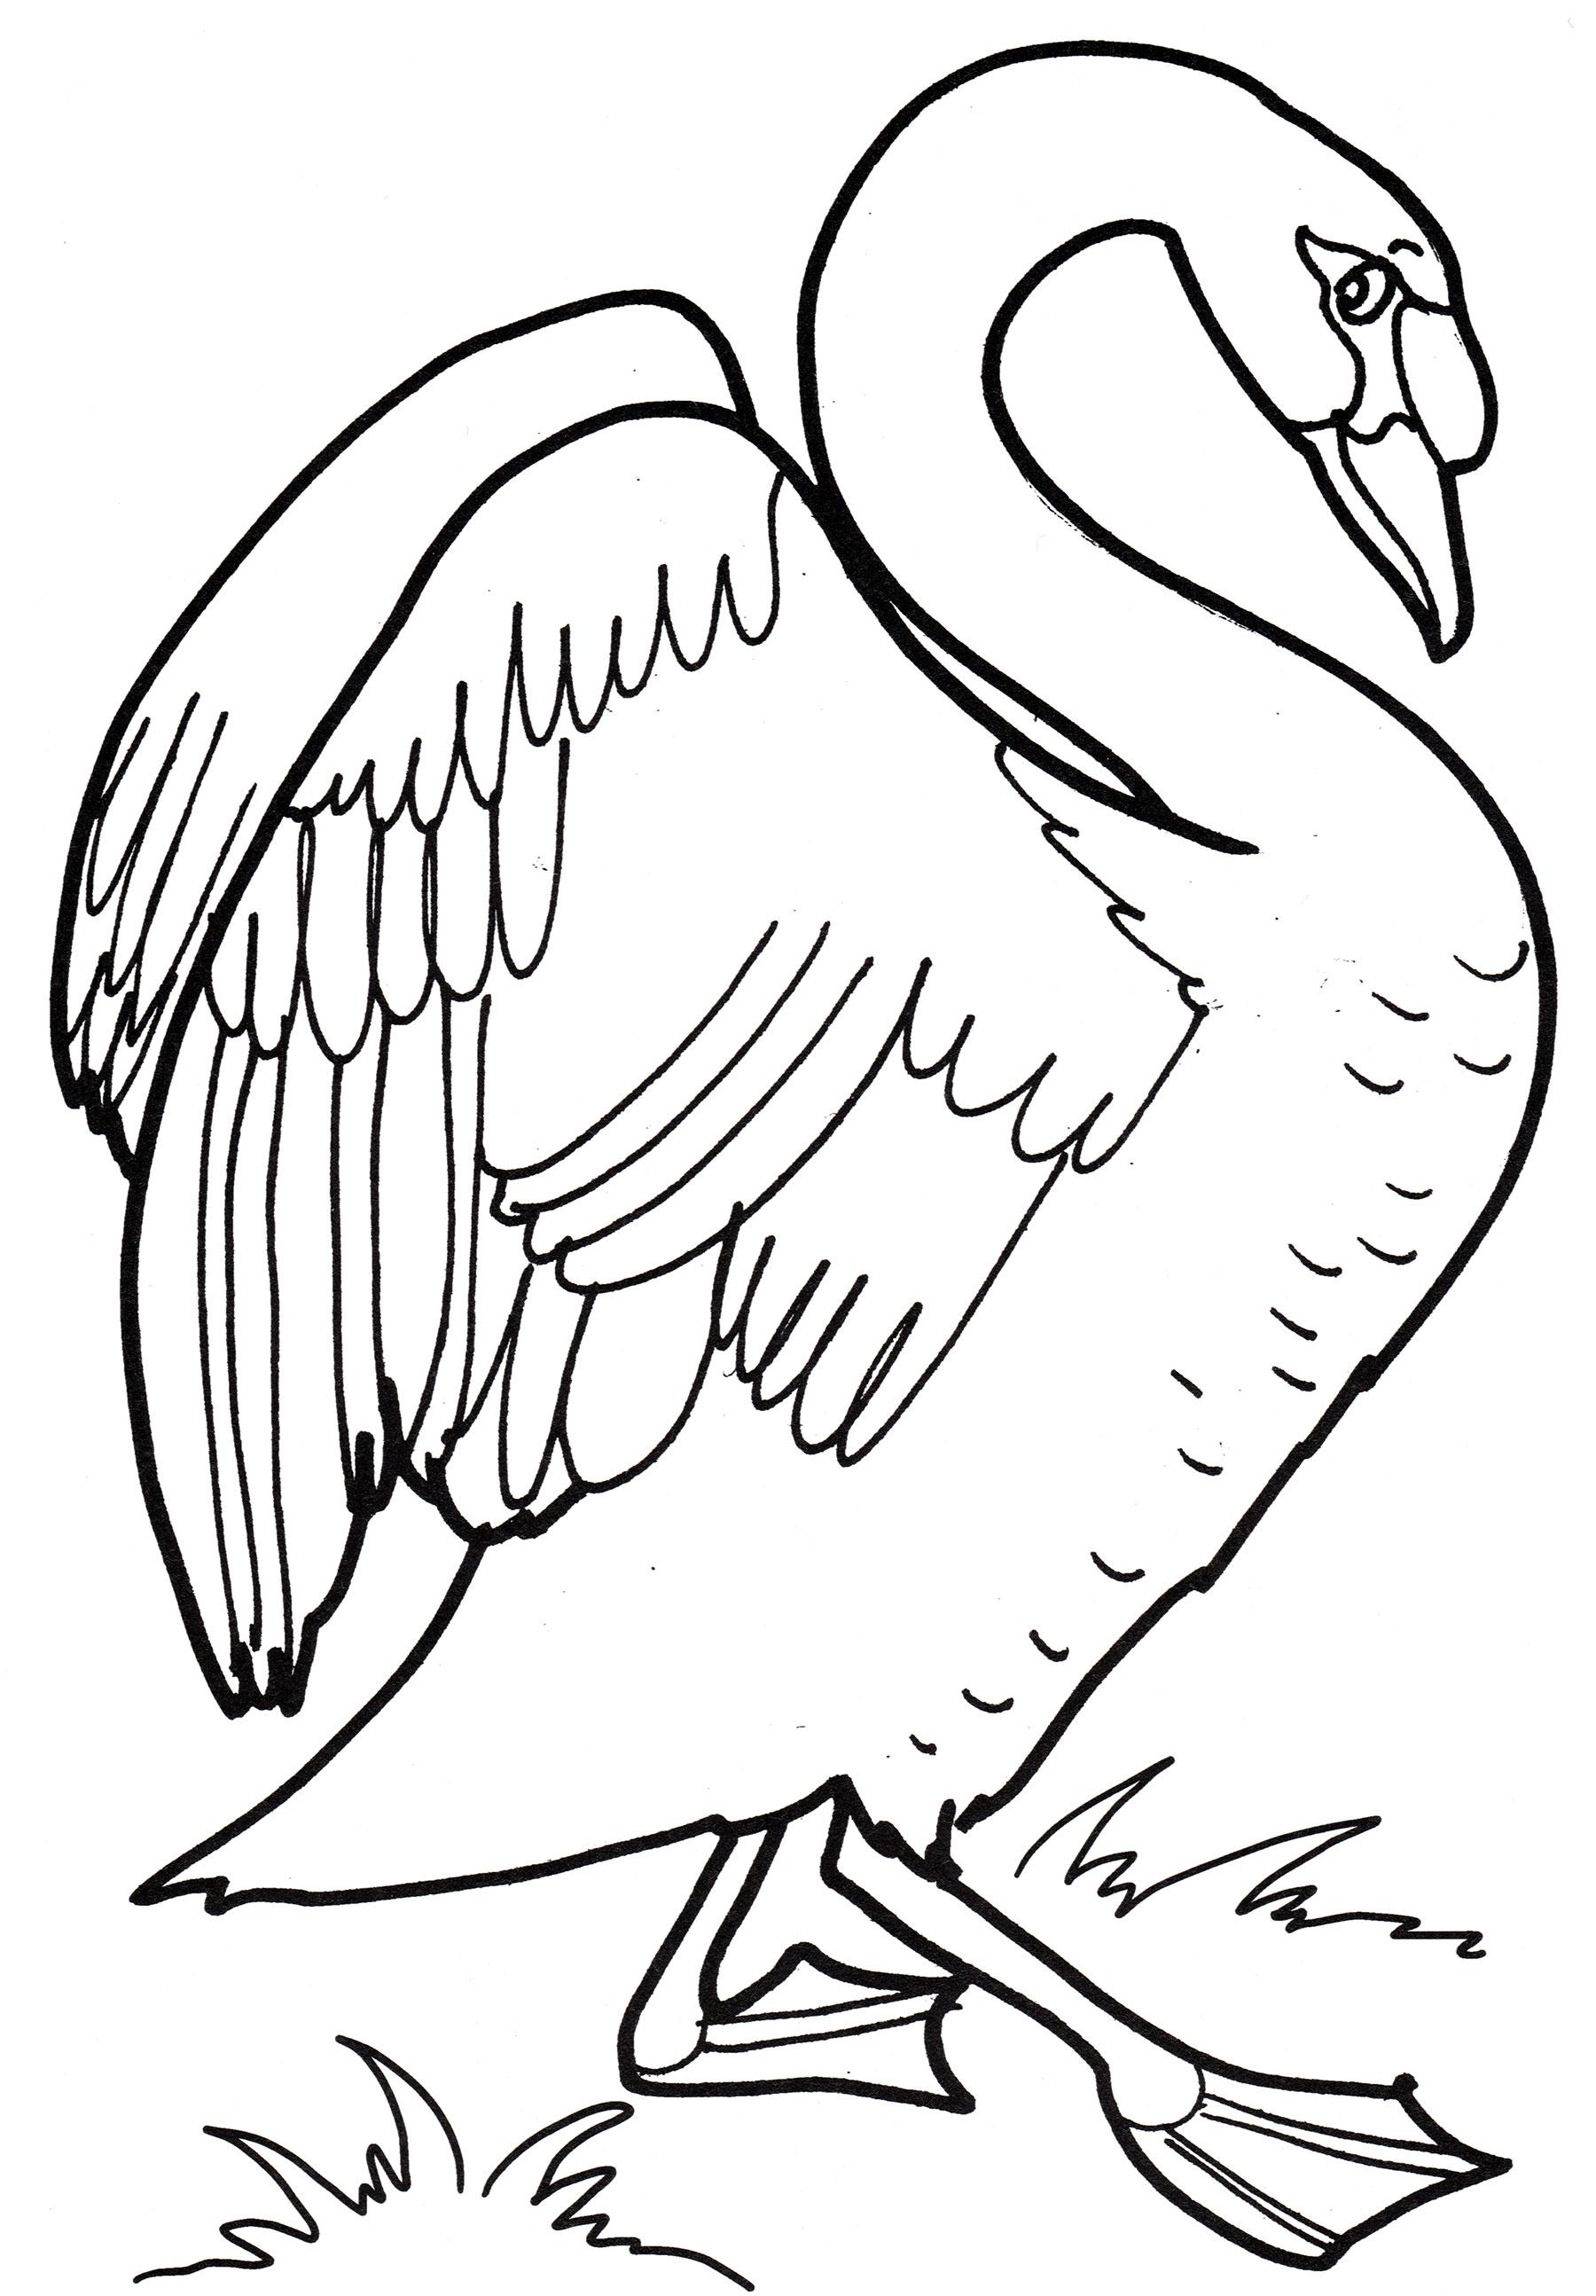 Раскраска Грациозный лебедь - распечатать бесплатно